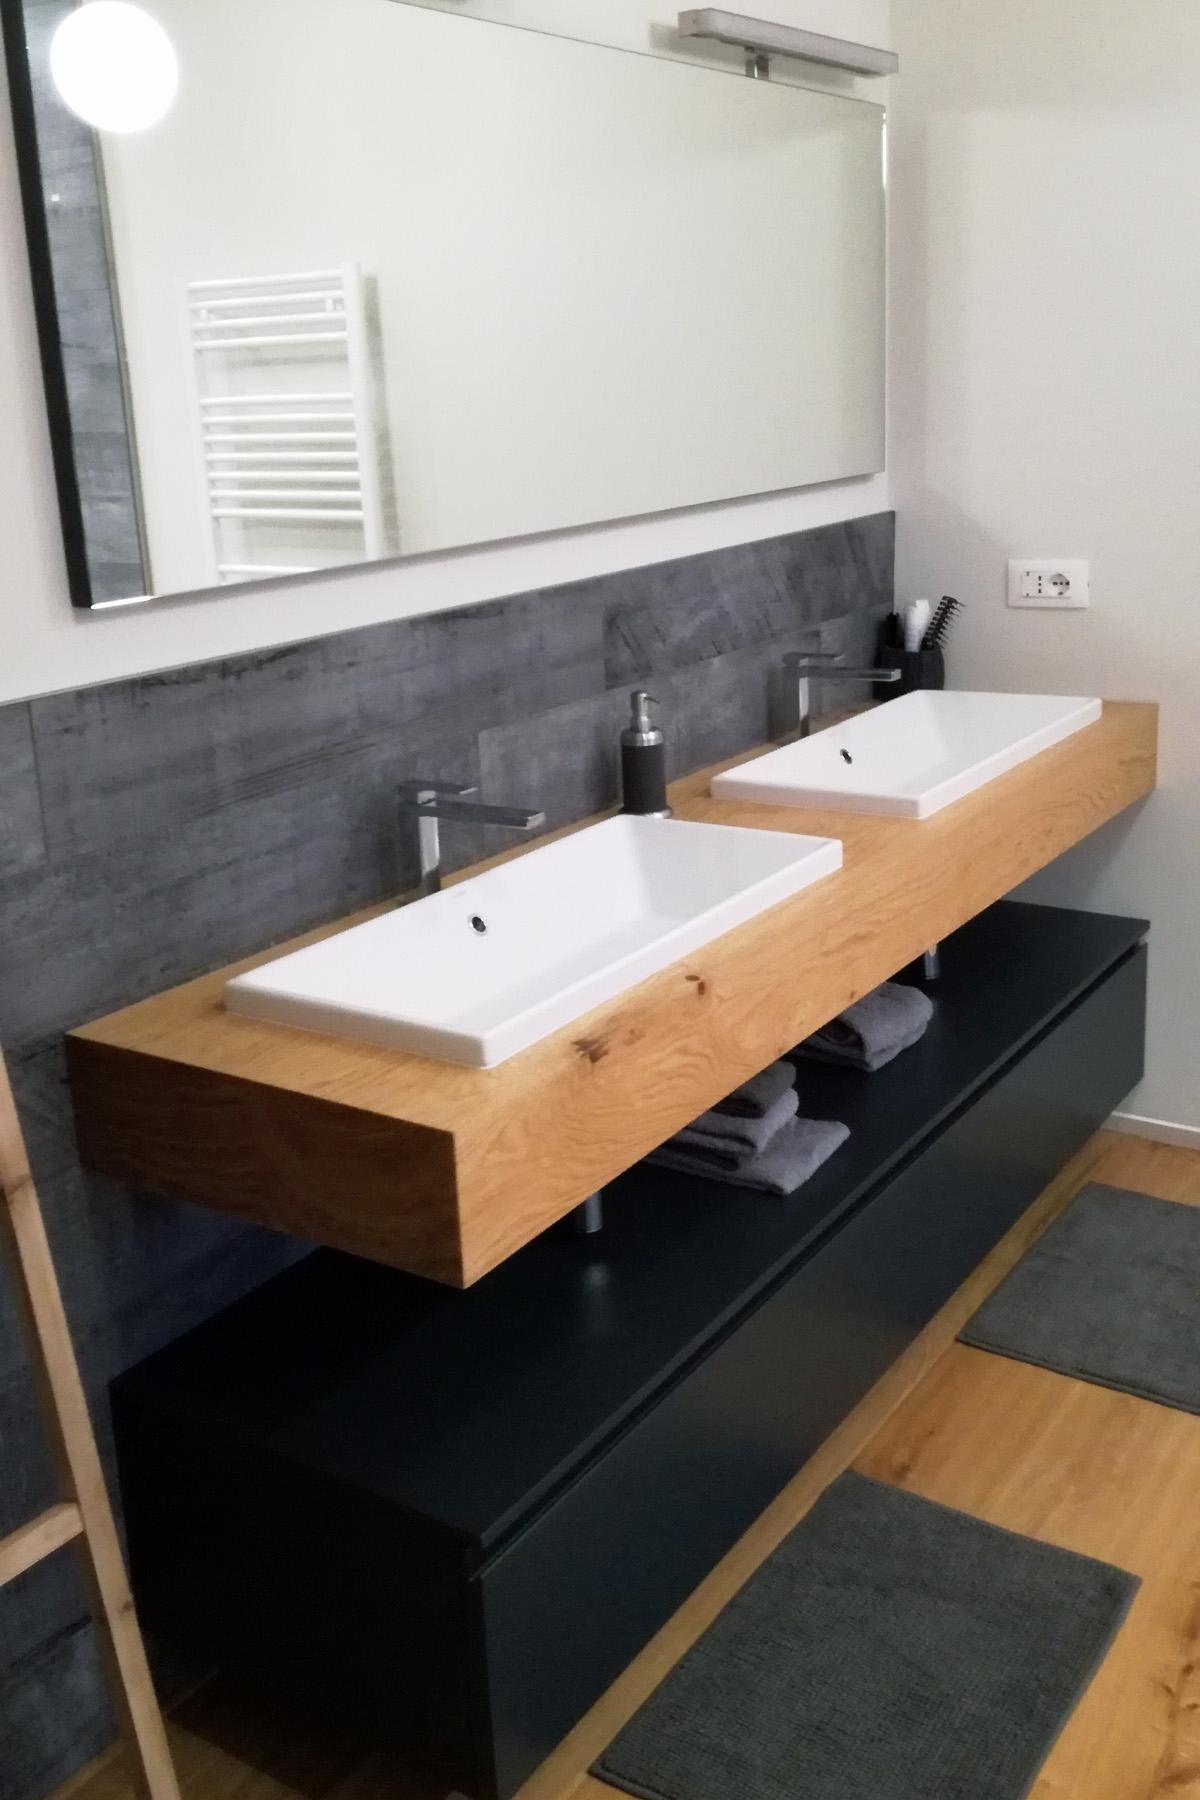 Mobile bagno con mensola in legno doppio lavabo for Prezzi lavabo bagno